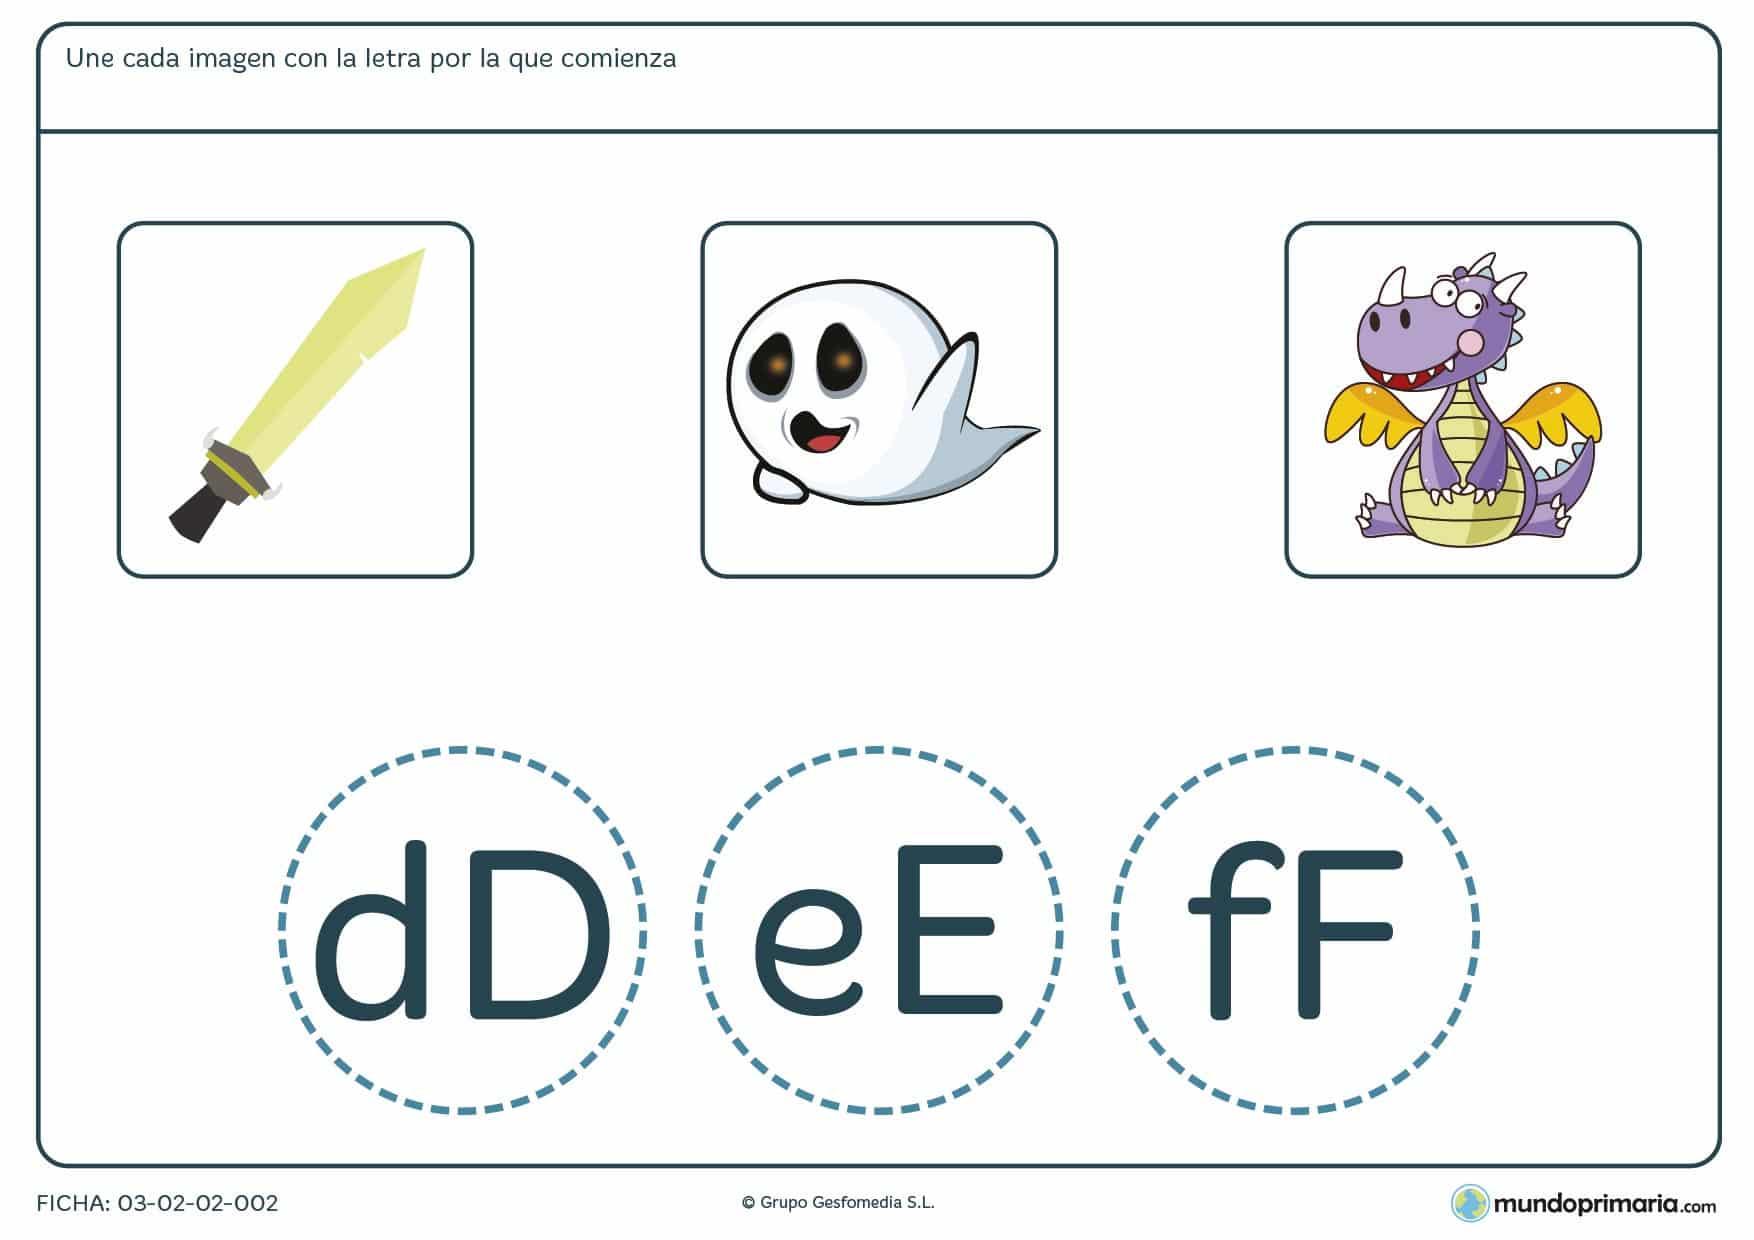 Ficha para desarrollar en los niños de primaria la capacidad de la escritura con ejercicios prácticos sobre las palabras